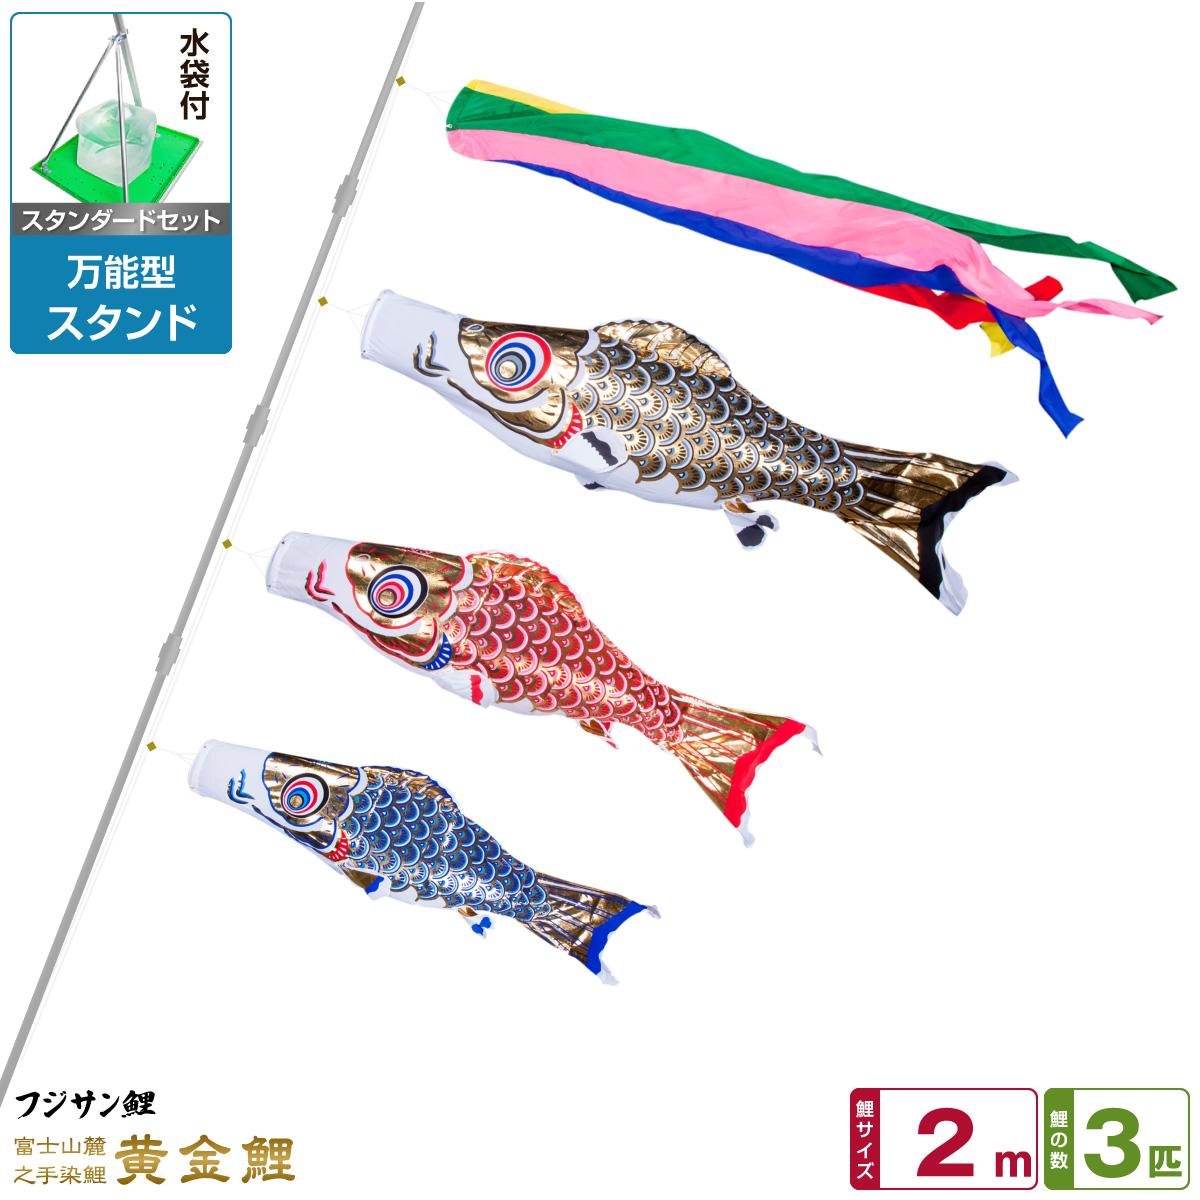 ベランダ用 こいのぼり 鯉のぼり フジサン鯉 黄金鯉 2m 6点(吹流し+鯉3匹+矢車+ロープ)/スタンダードセット(万能スタンド)